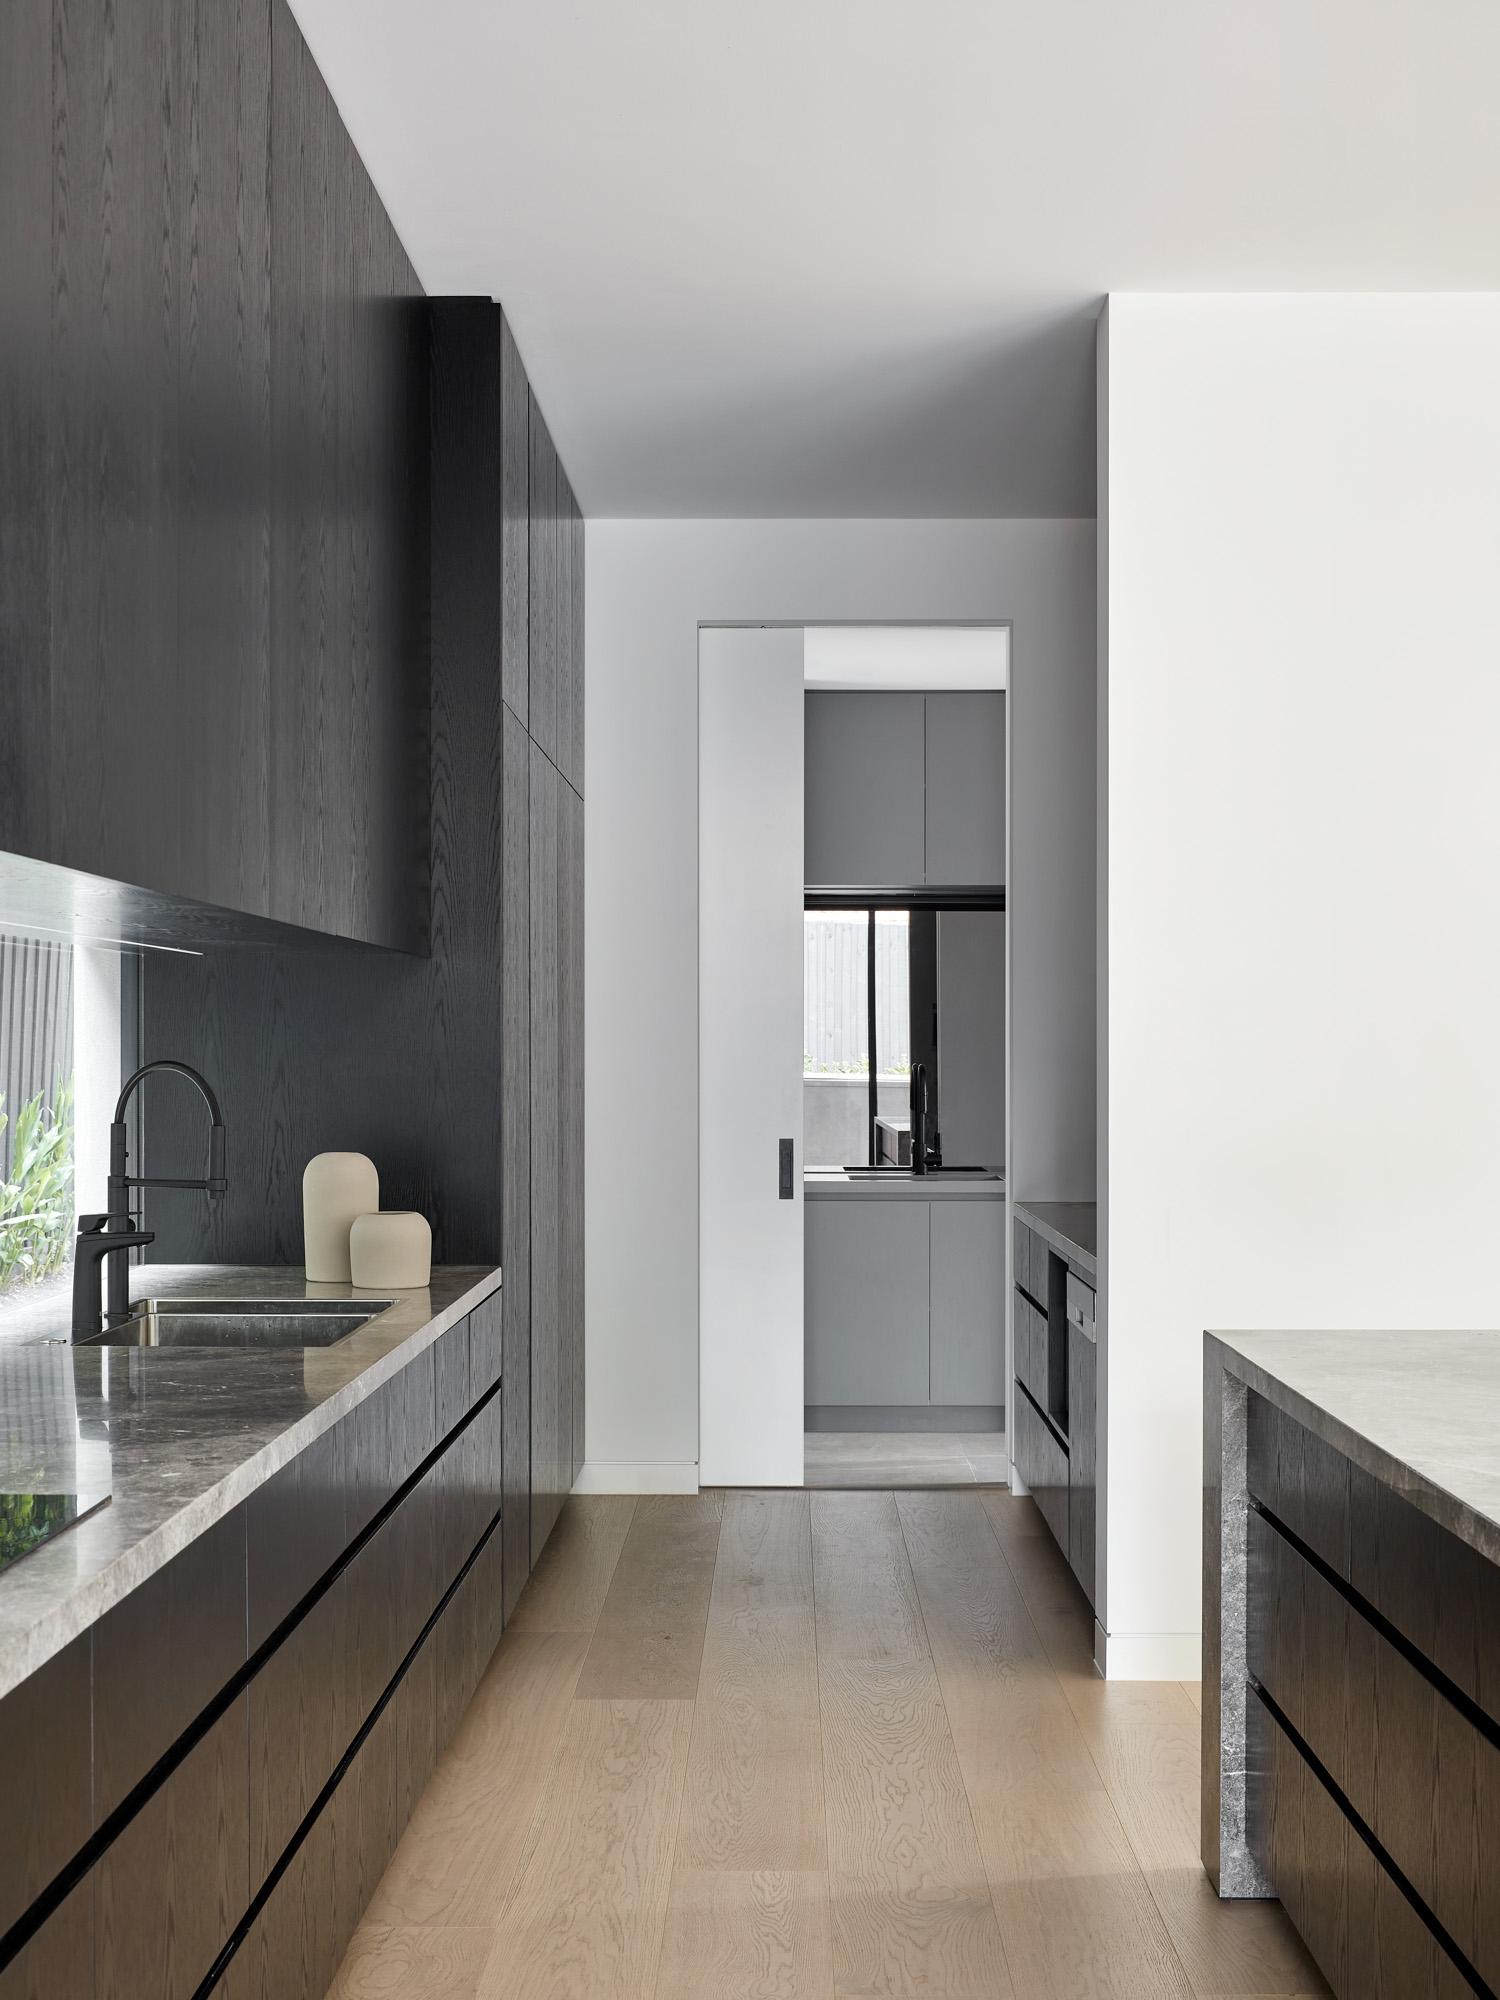 est living vincent house borland architecture 3